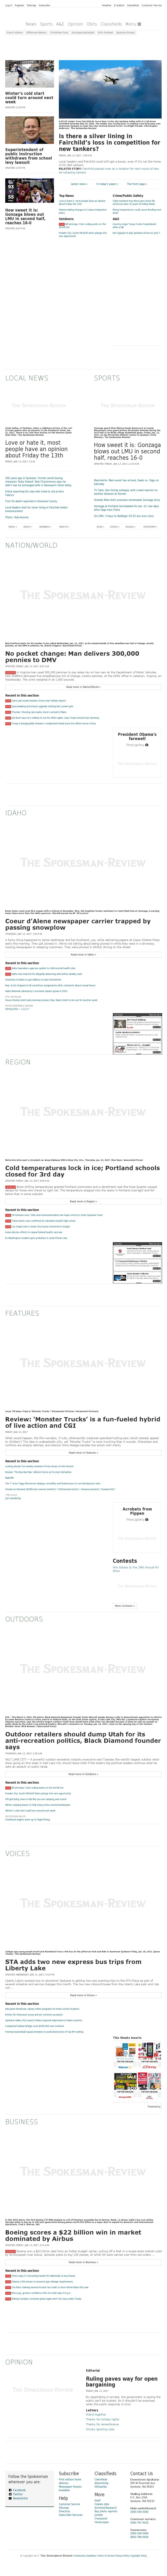 The (Spokane) Spokesman-Review at Friday Jan. 13, 2017, 4:13 p.m. UTC